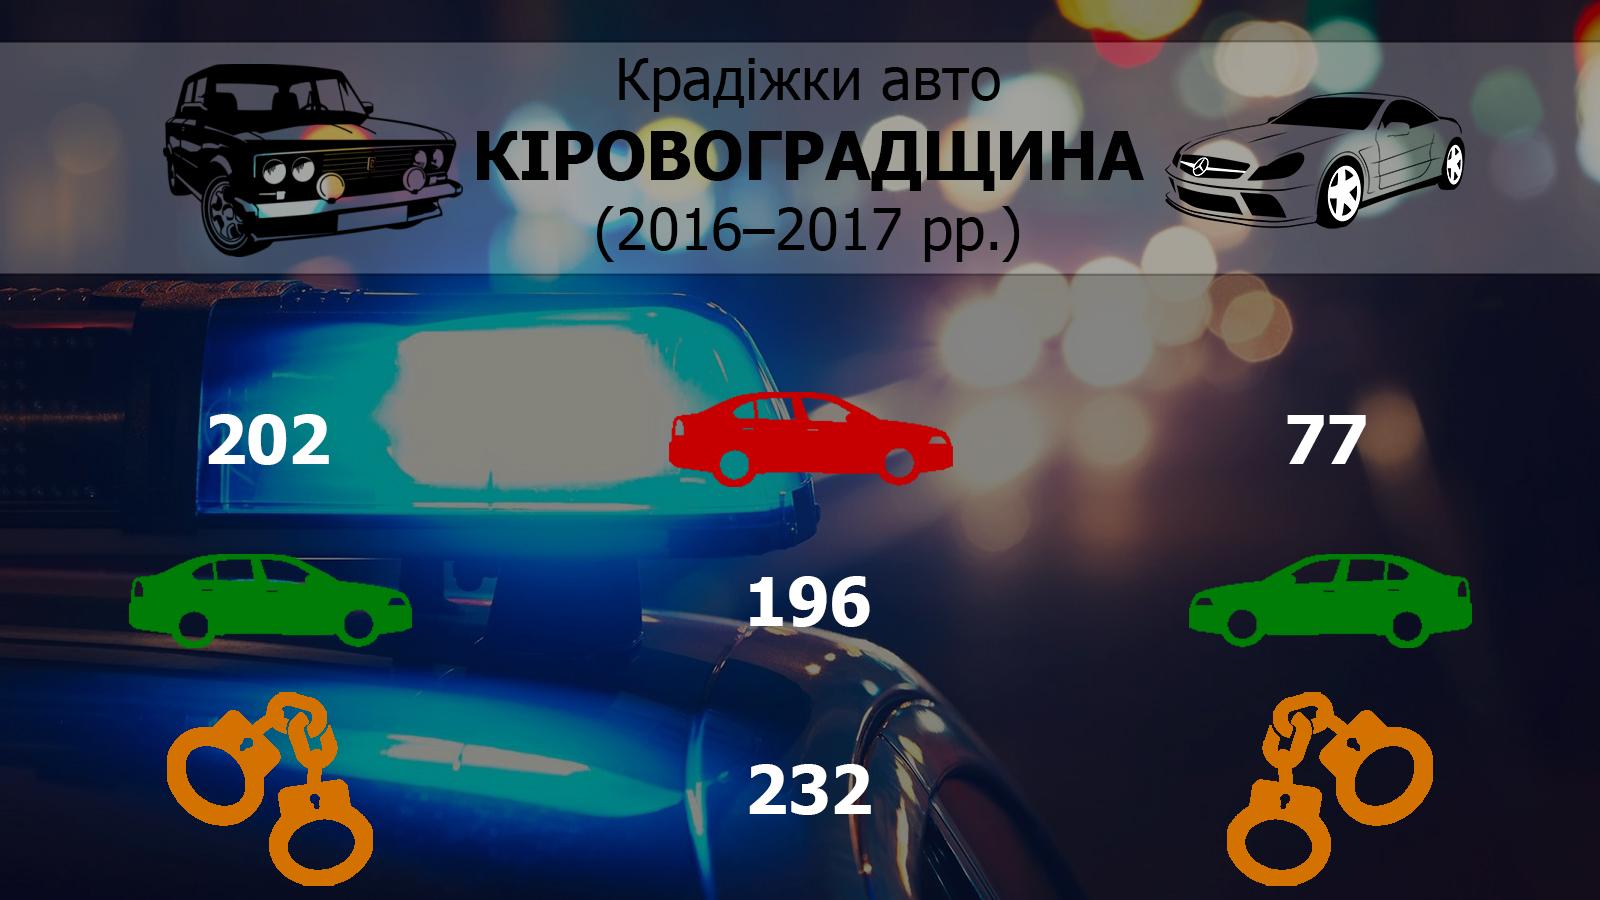 Як викрадають елітні автівки на Кіровоградщині та чому правоохоронцям складно шукати злодіїв - 1 - Проекти - Без Купюр